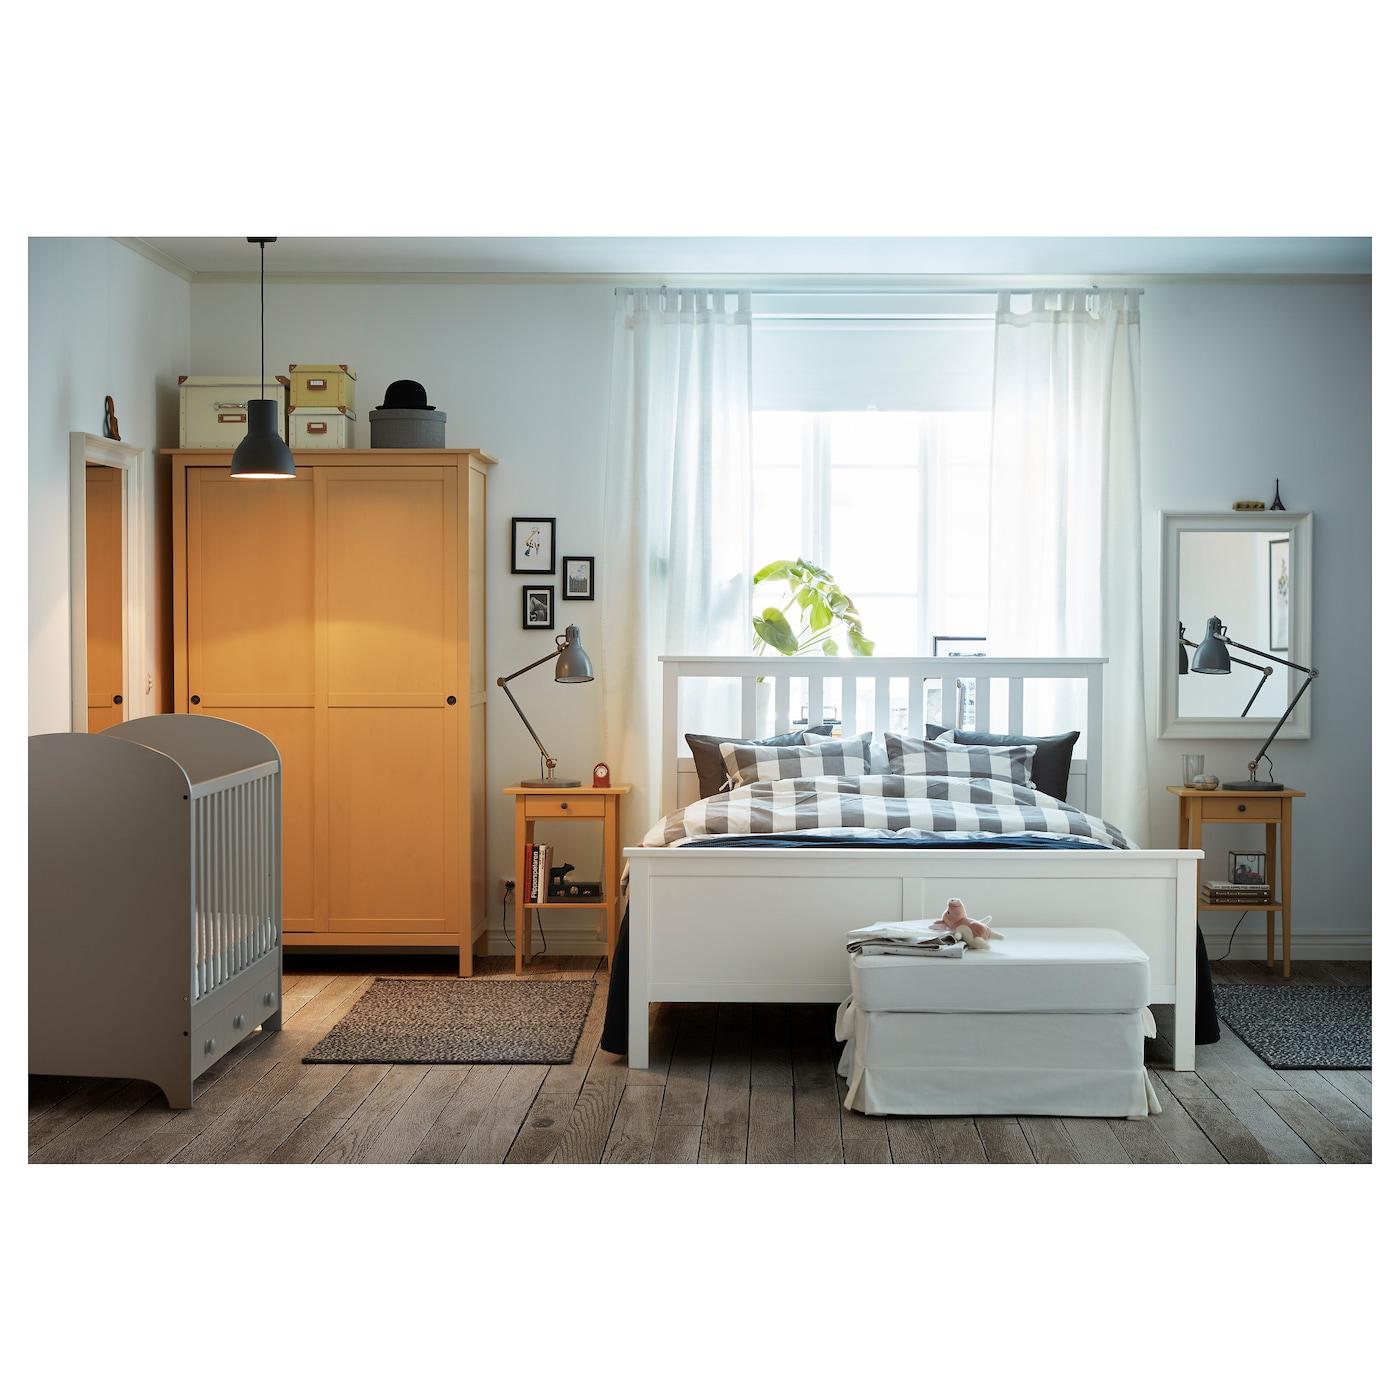 HEMNES Wardrobe with 2 sliding doors Yellow 120×197 cm IKEA